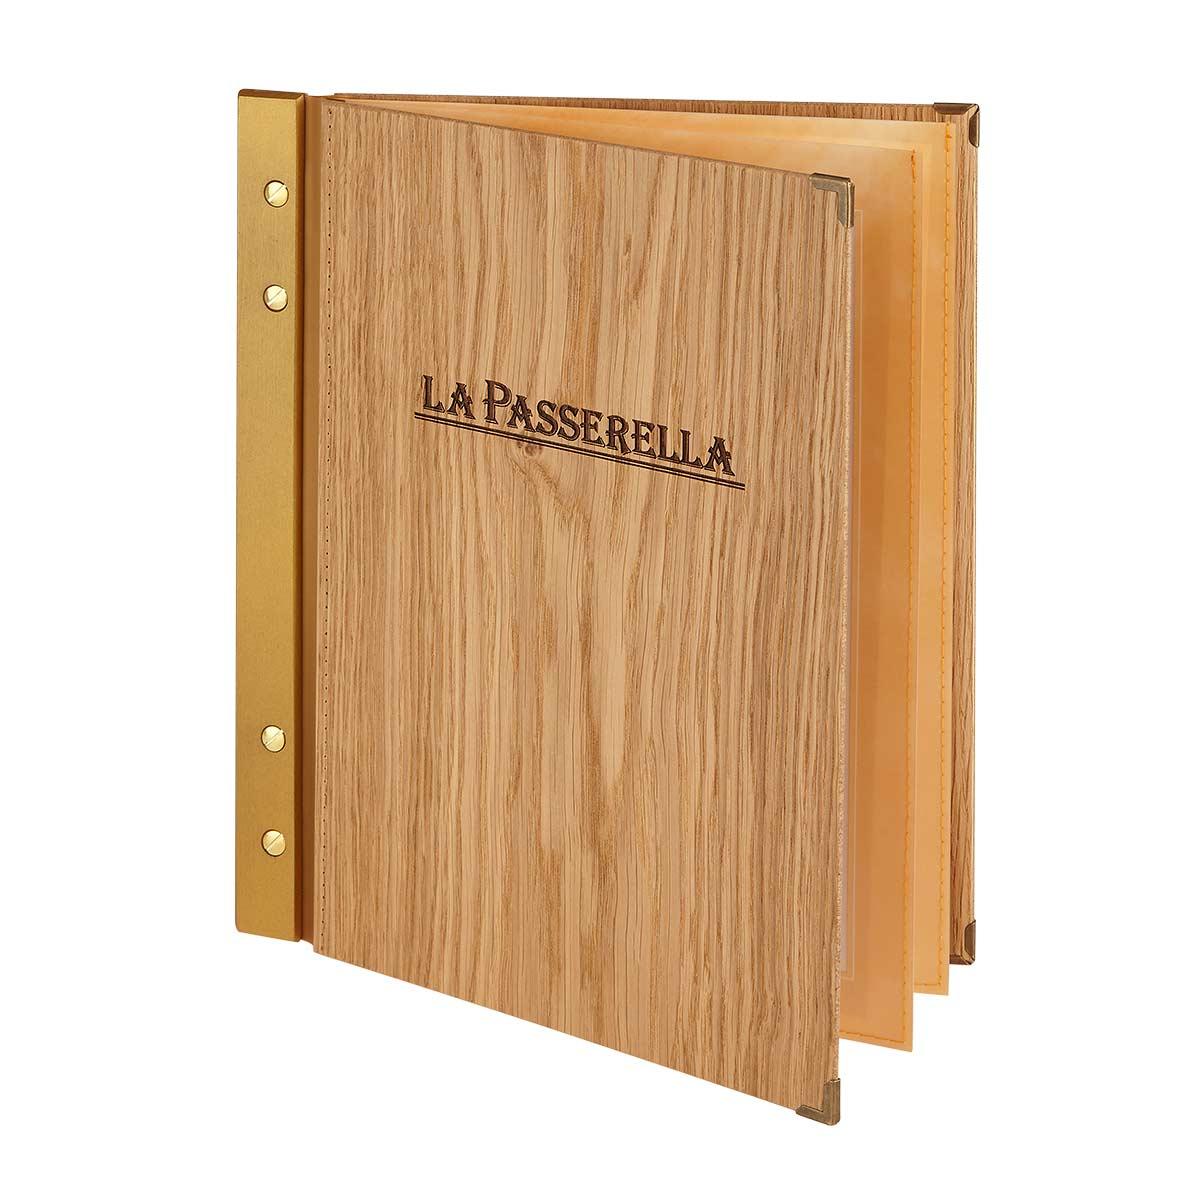 Menucover Wood Branding Gastrotopcard